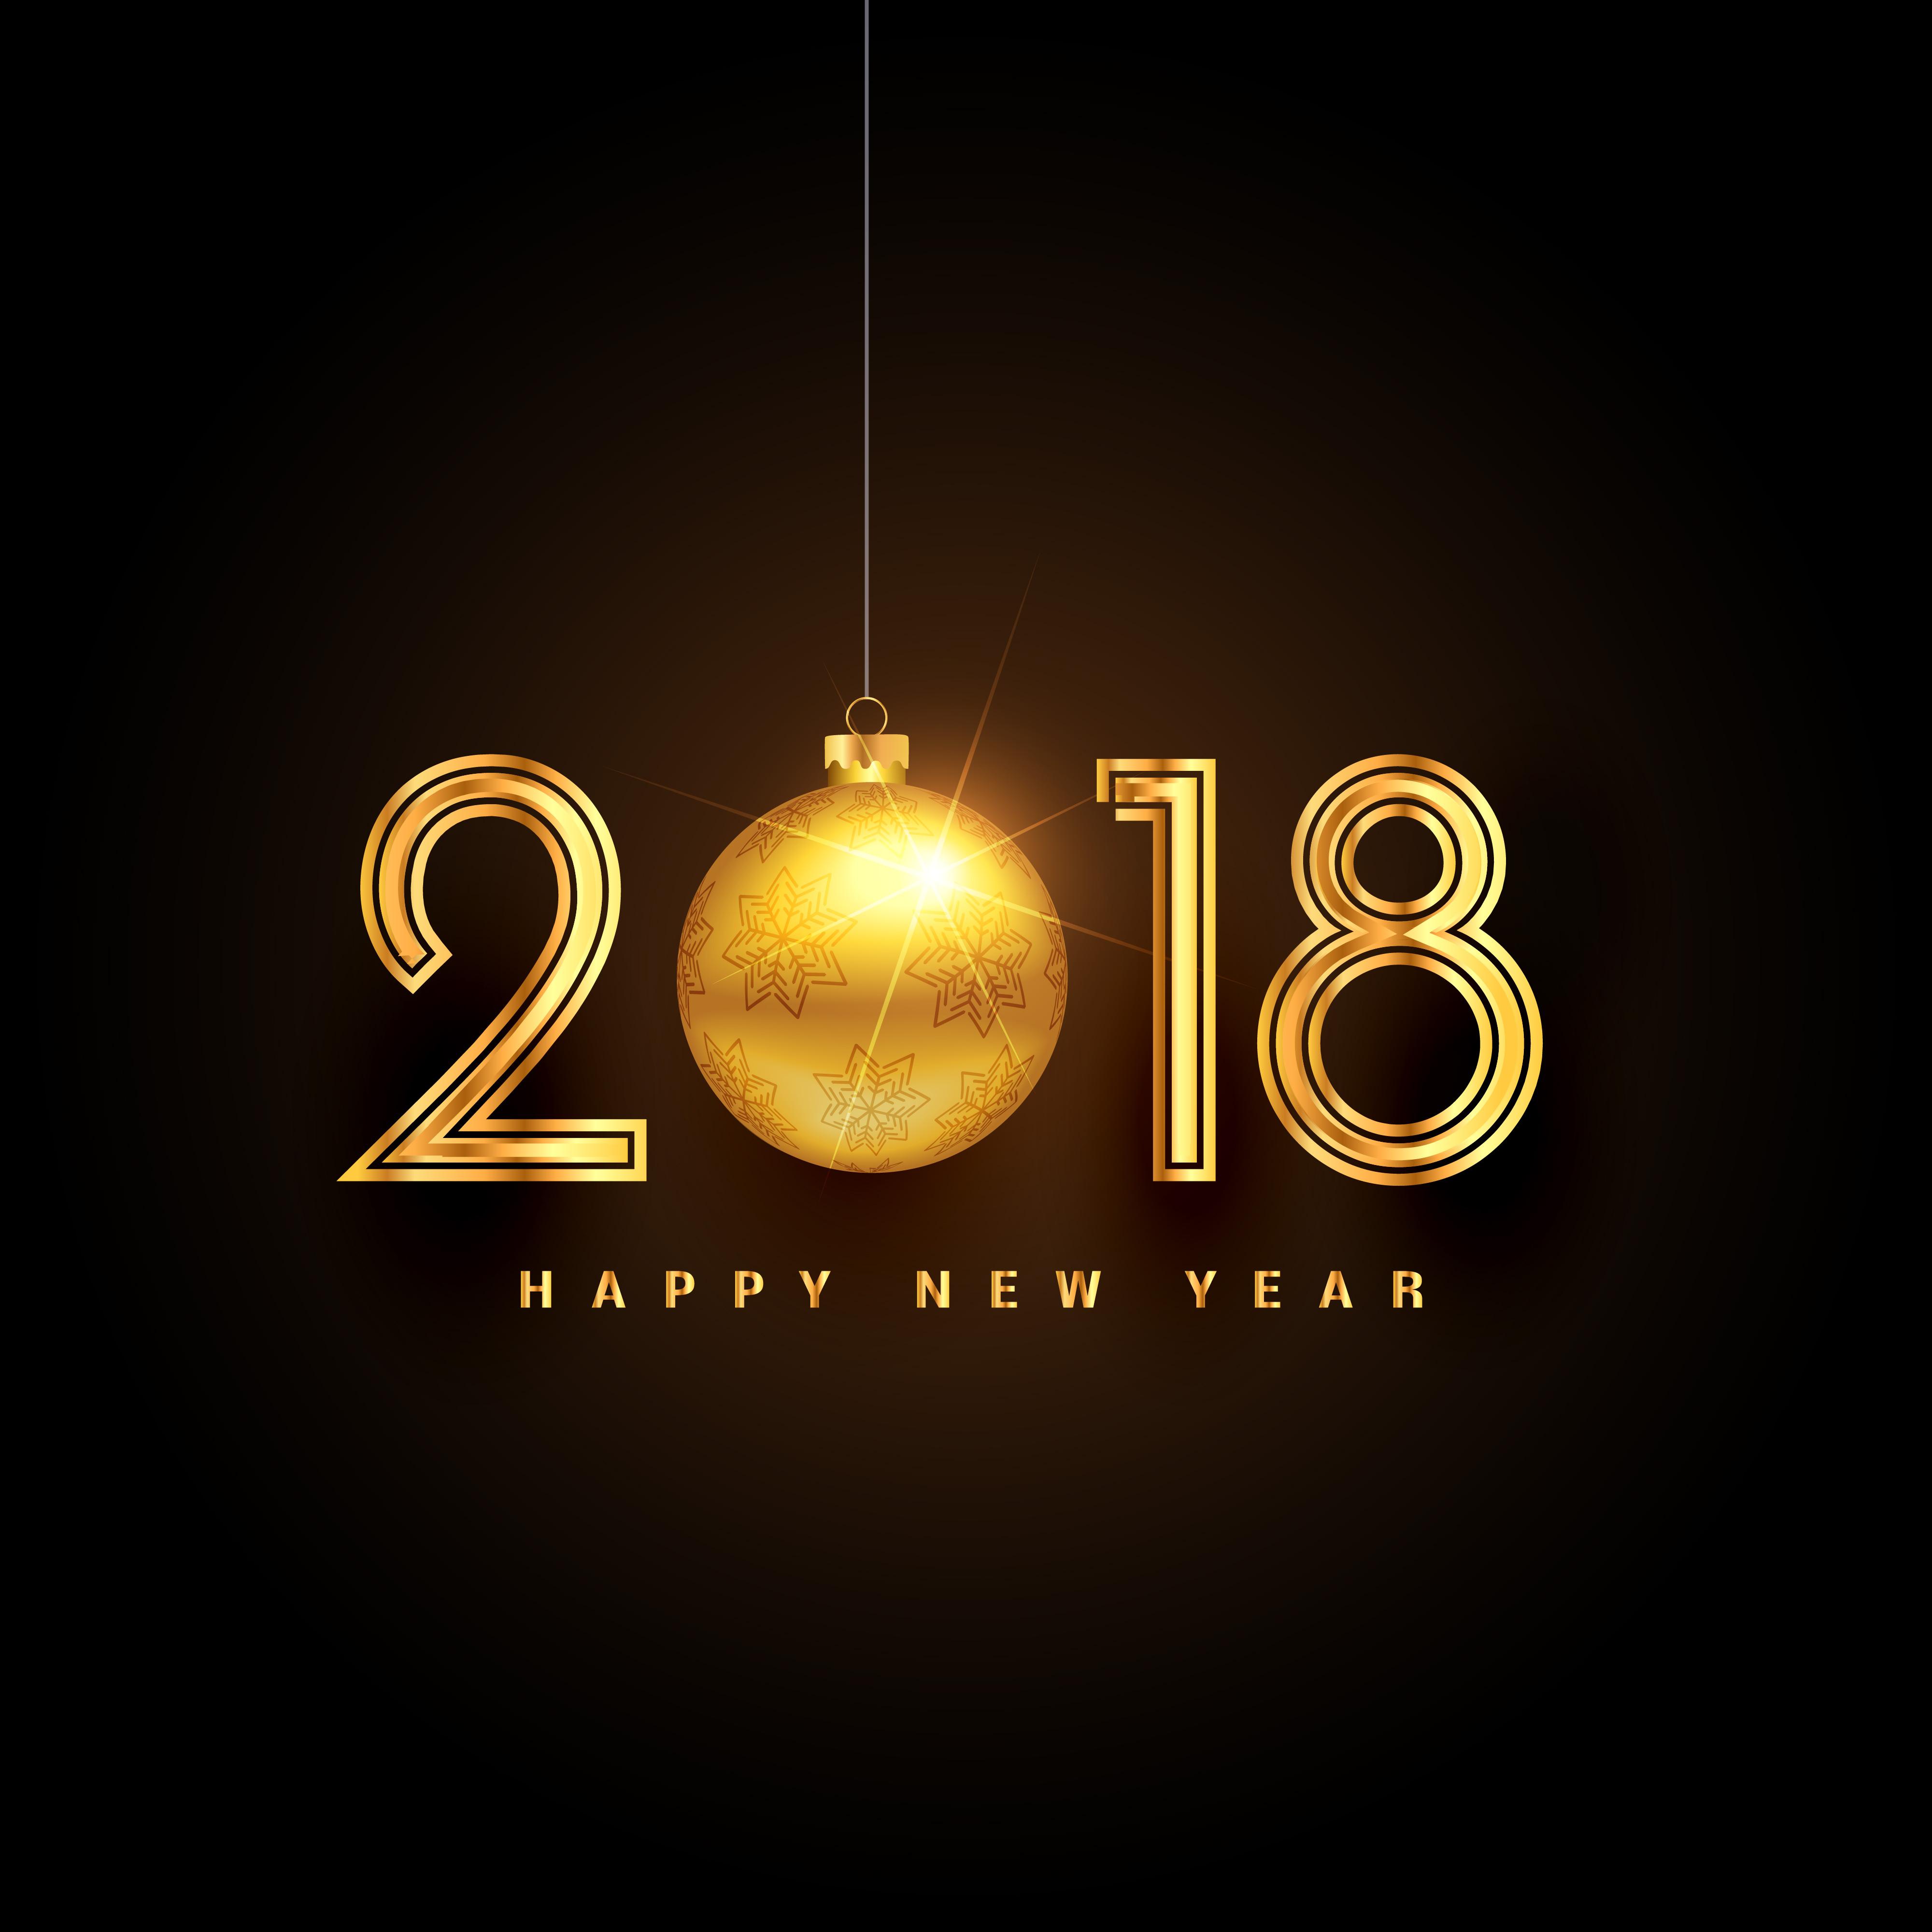 Golden Happy New Year Premium Background Design